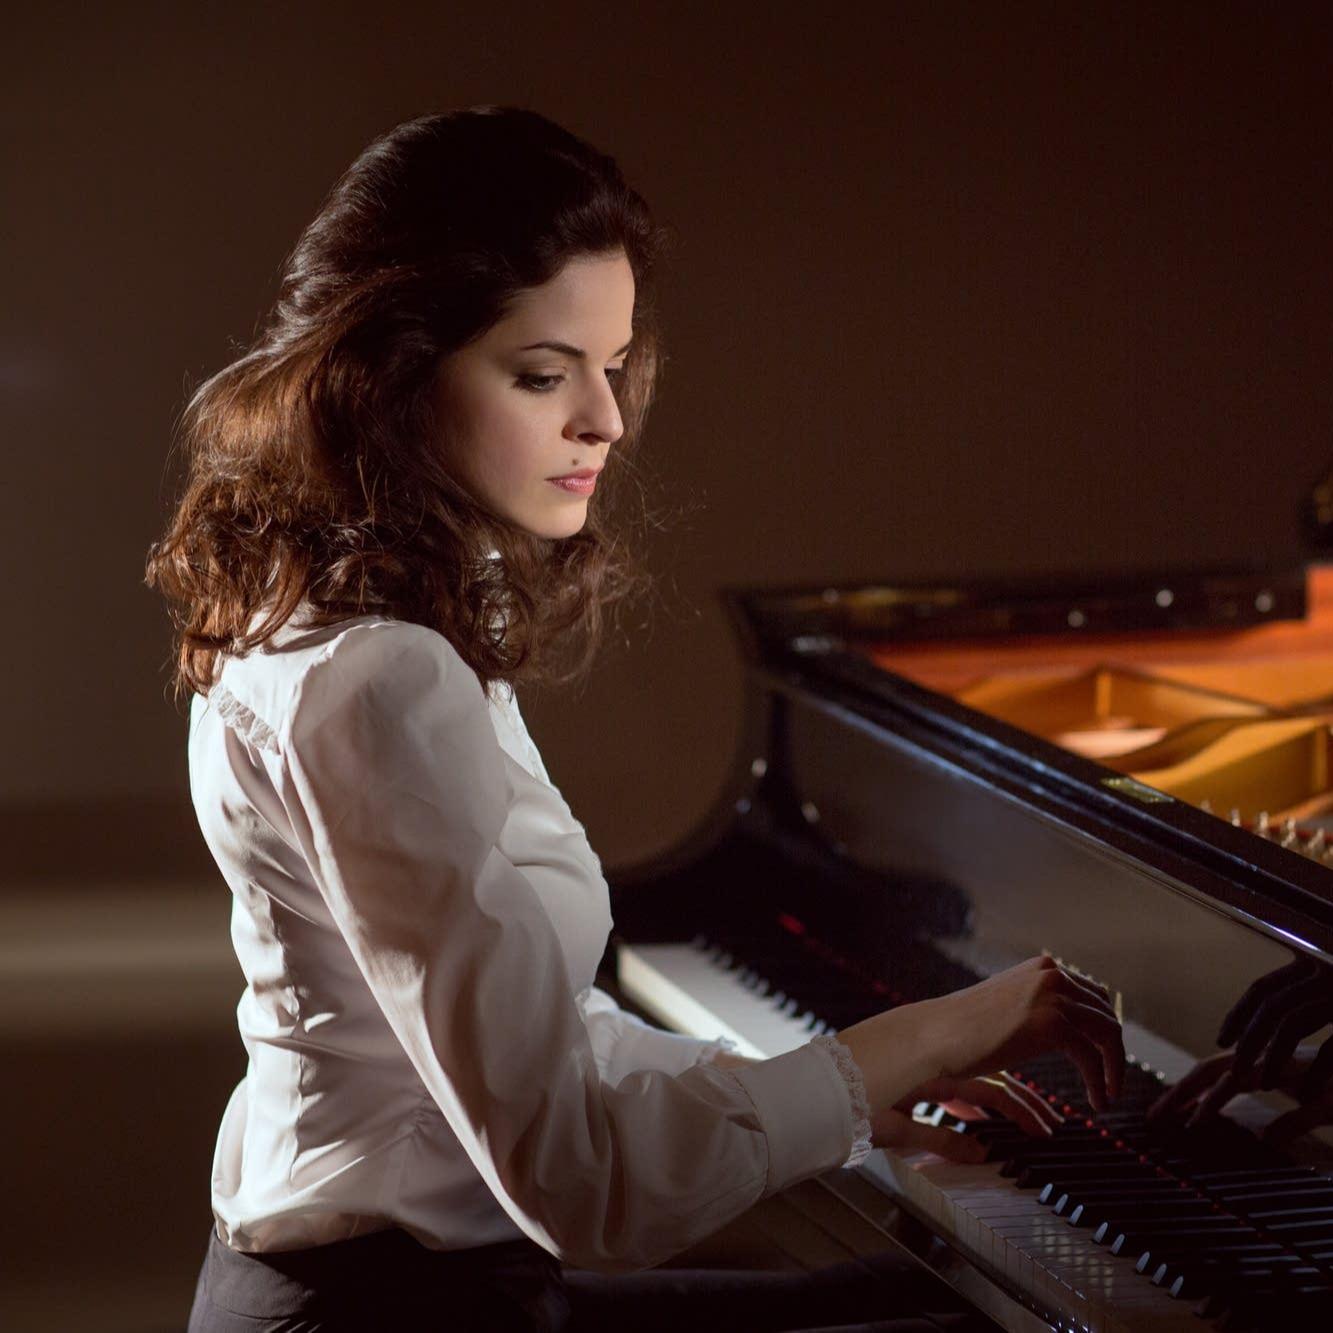 В Малом зале «Зарядье» состоялся концерт оперной певицы Полины Шамаевой